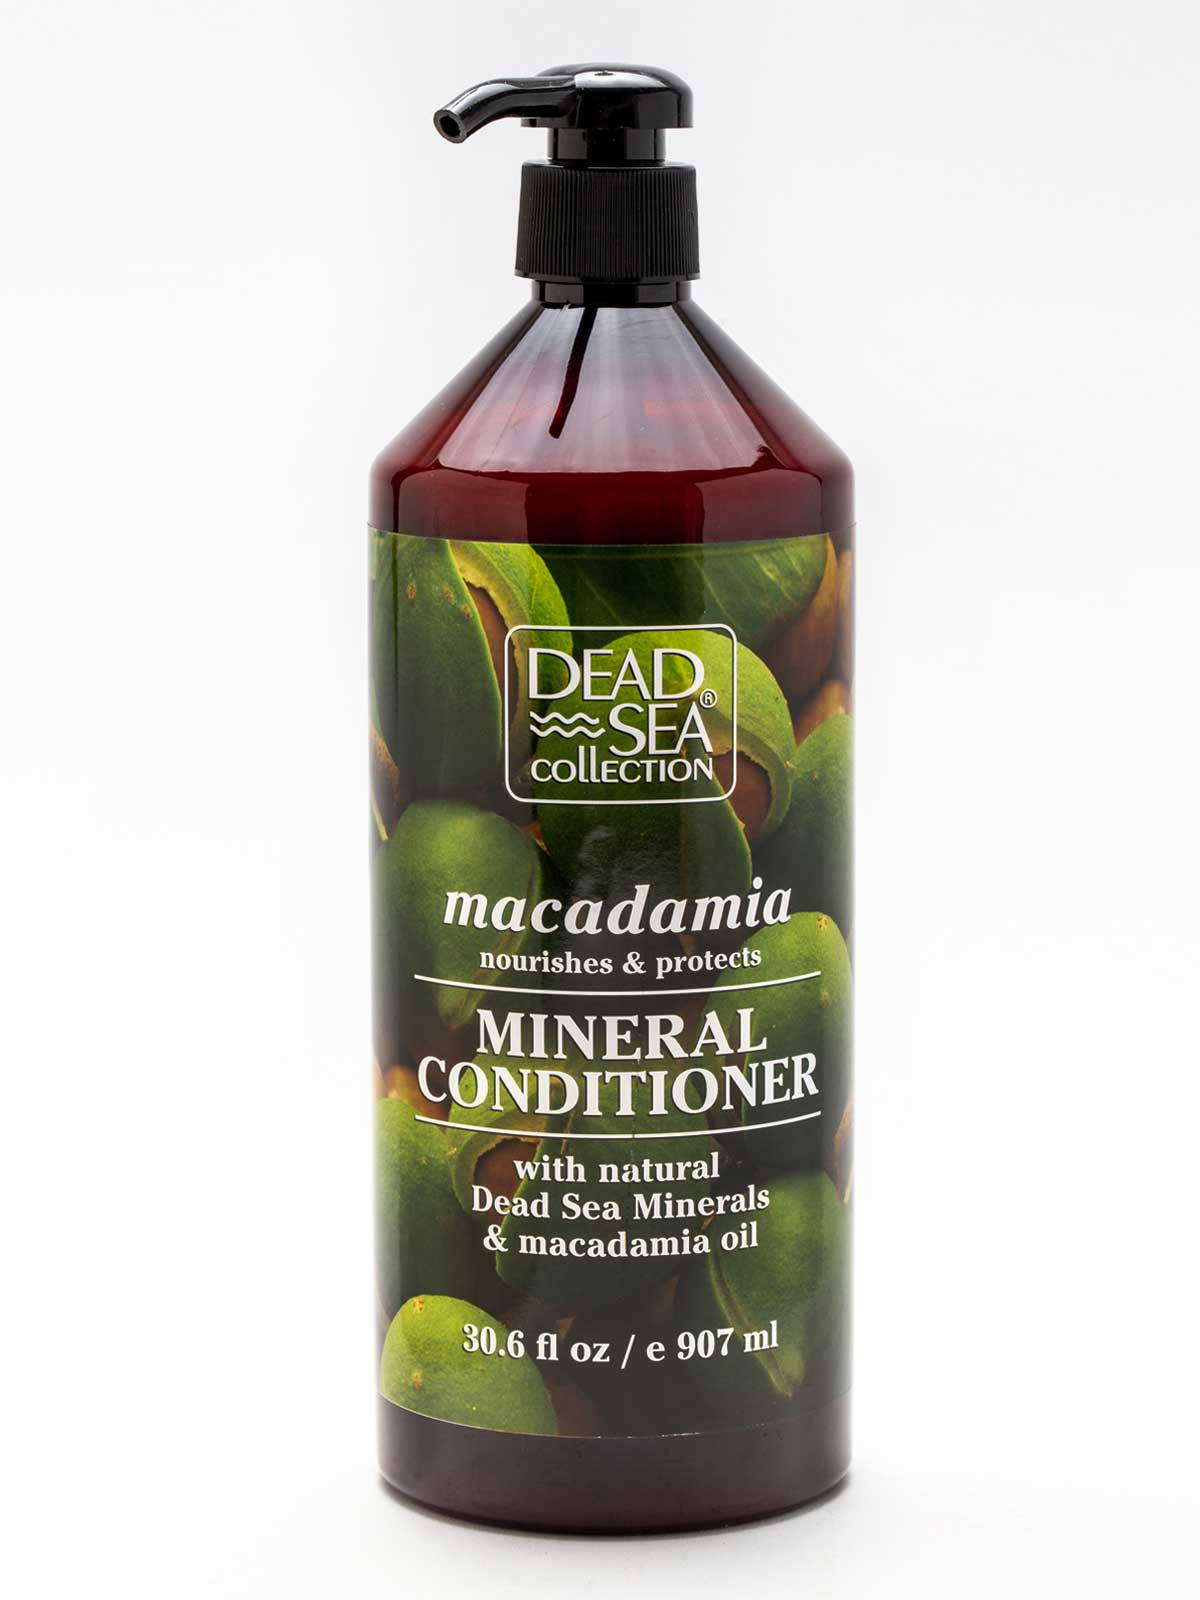 795d77bdb04 Macadamia Mineral Conditioner   Dead Sea Collection